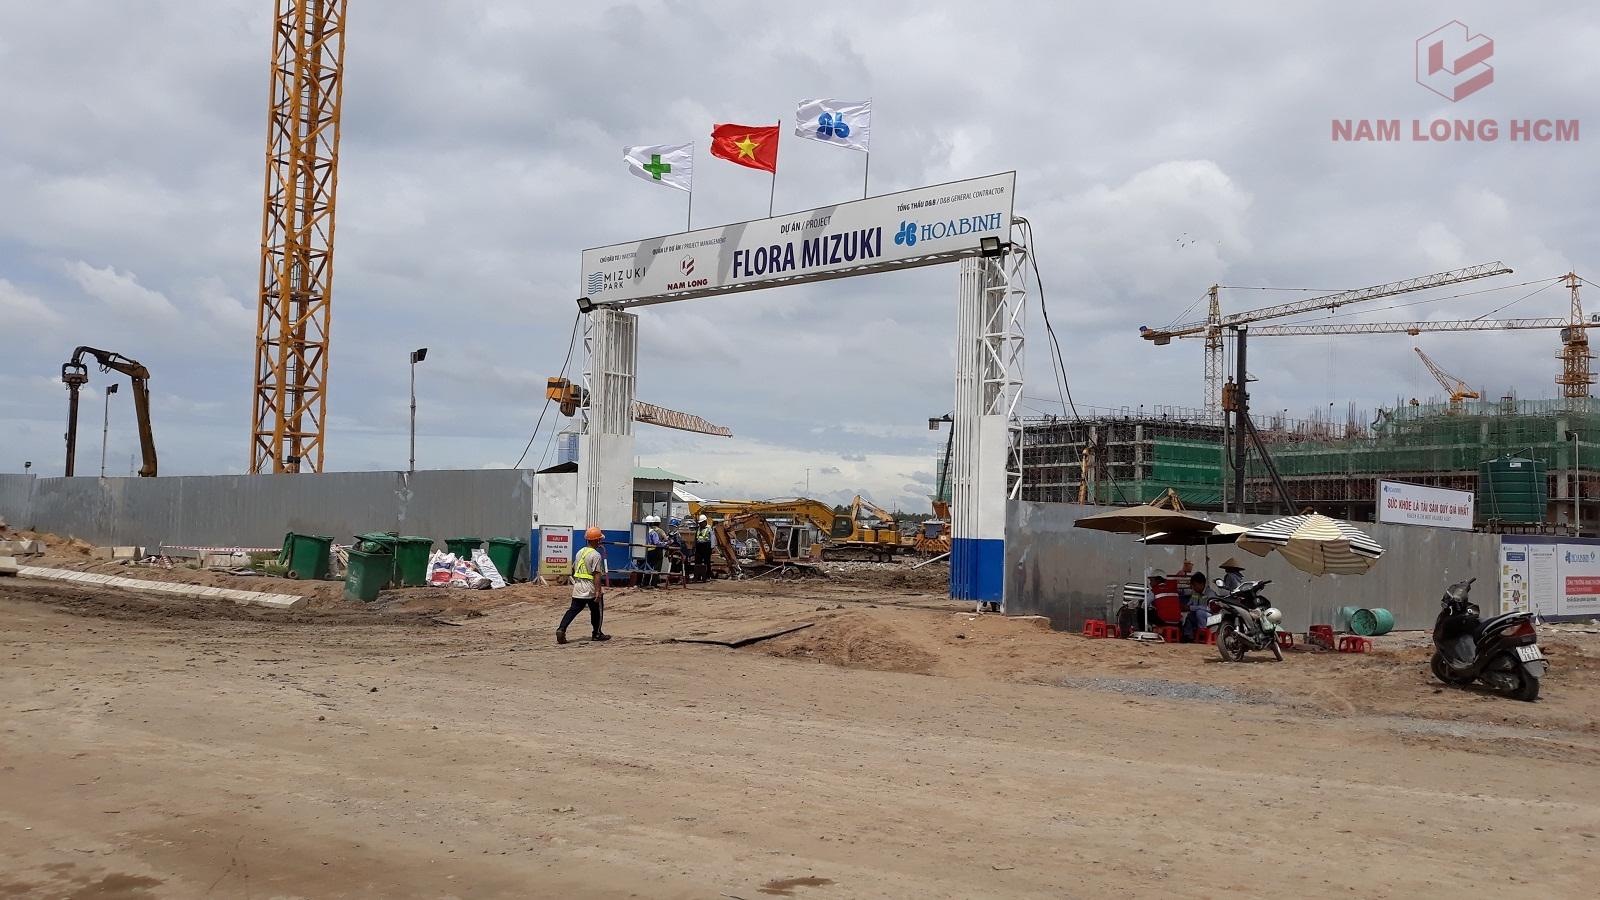 Nhà thầu Hòa Bình đang triển khai thi công hầm cho 5 Block Mizuki Park. Ảnh: Nam Long HCM